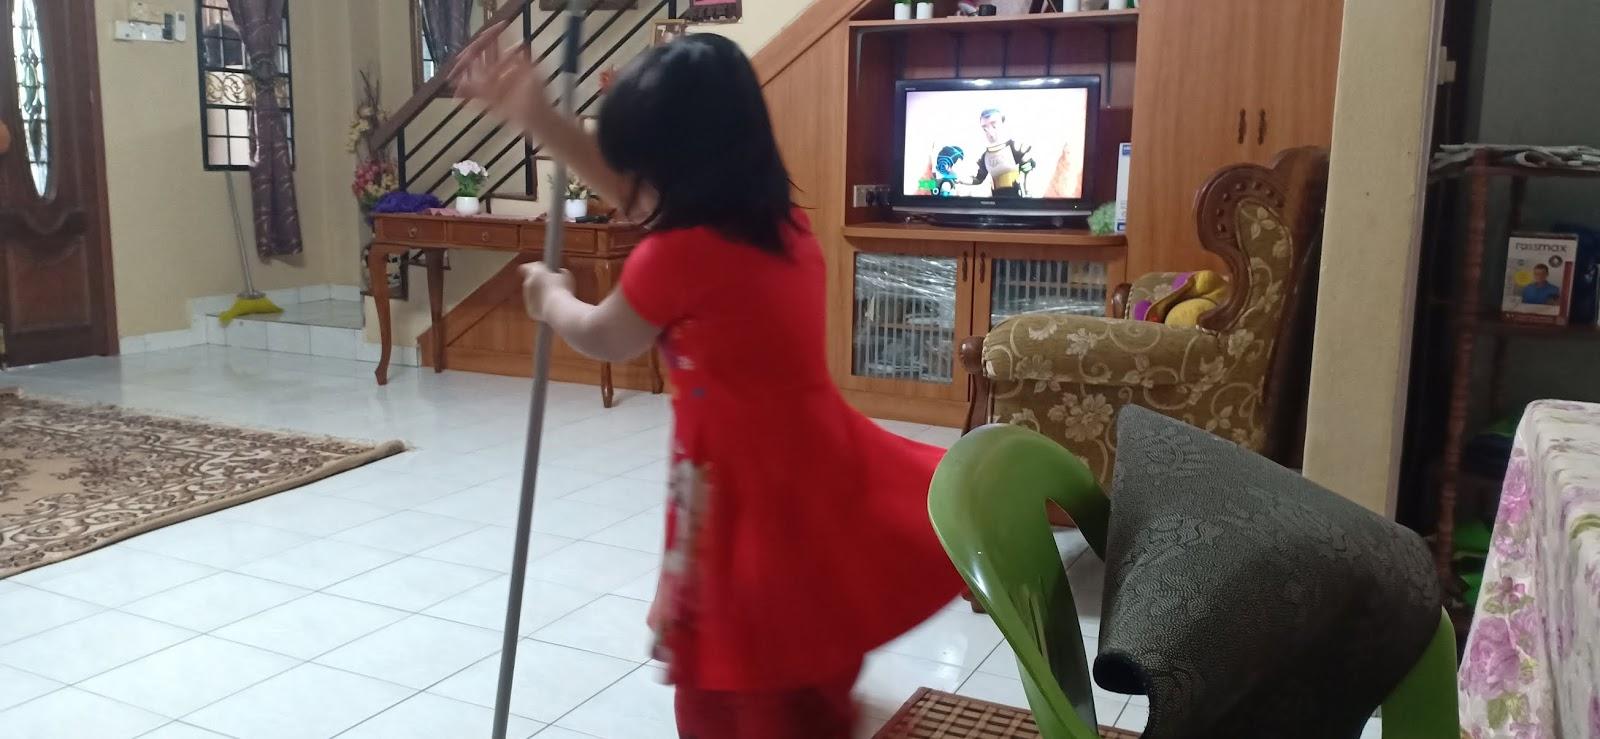 Anak dara kemas rumah mop lantai